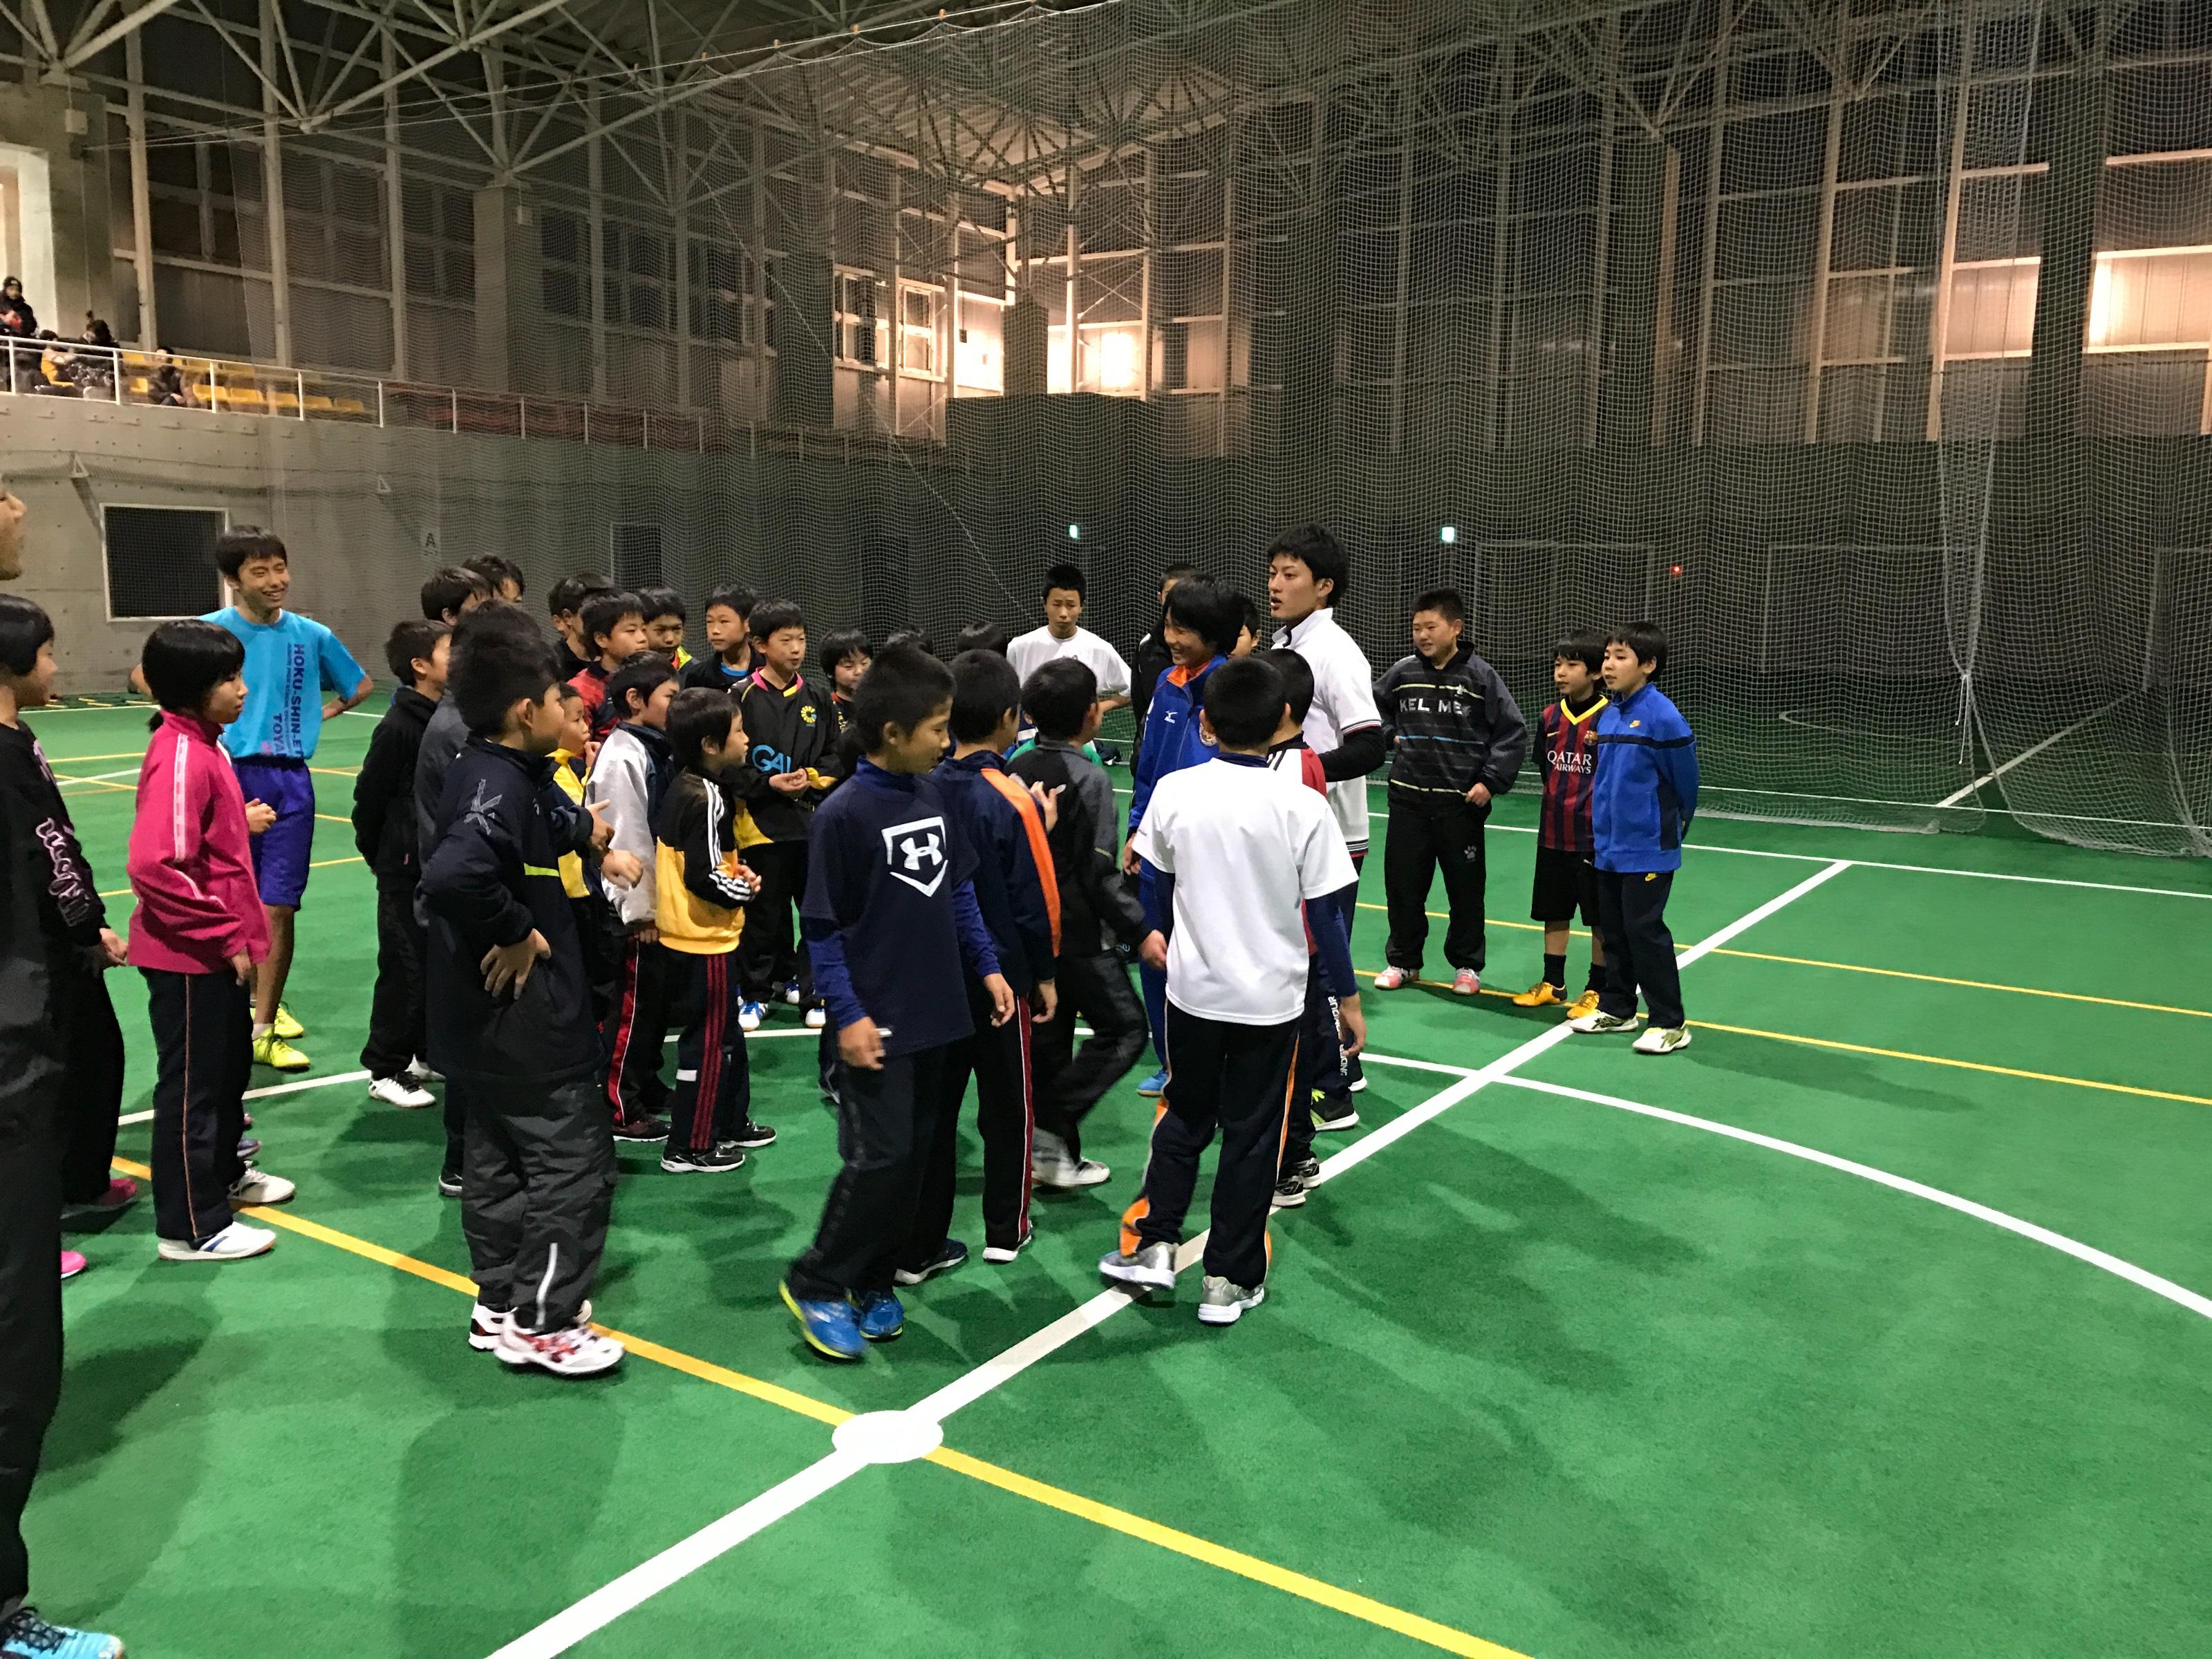 一般社団法人日本スポーツサポートベース(JASSBA)